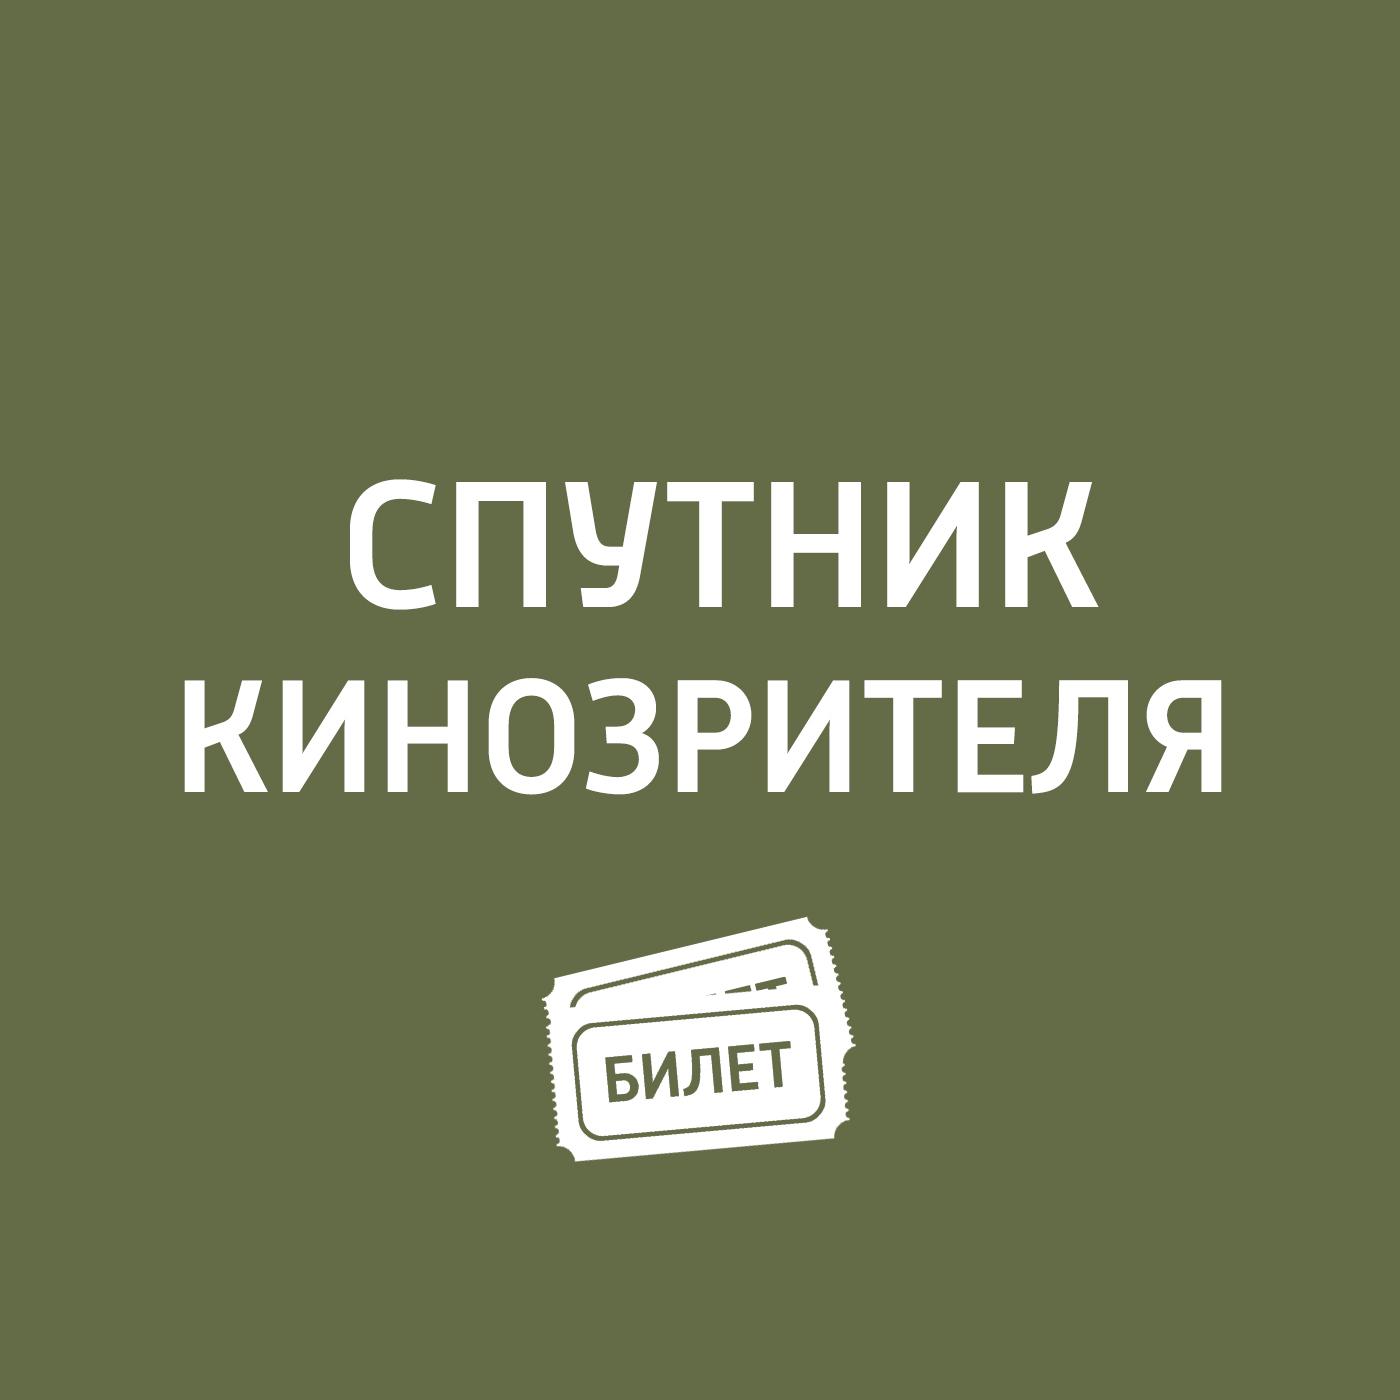 Антон Долин «Человек, который всех удивил», «Лоро», «Два билета домой» антон ковалев дорога домой